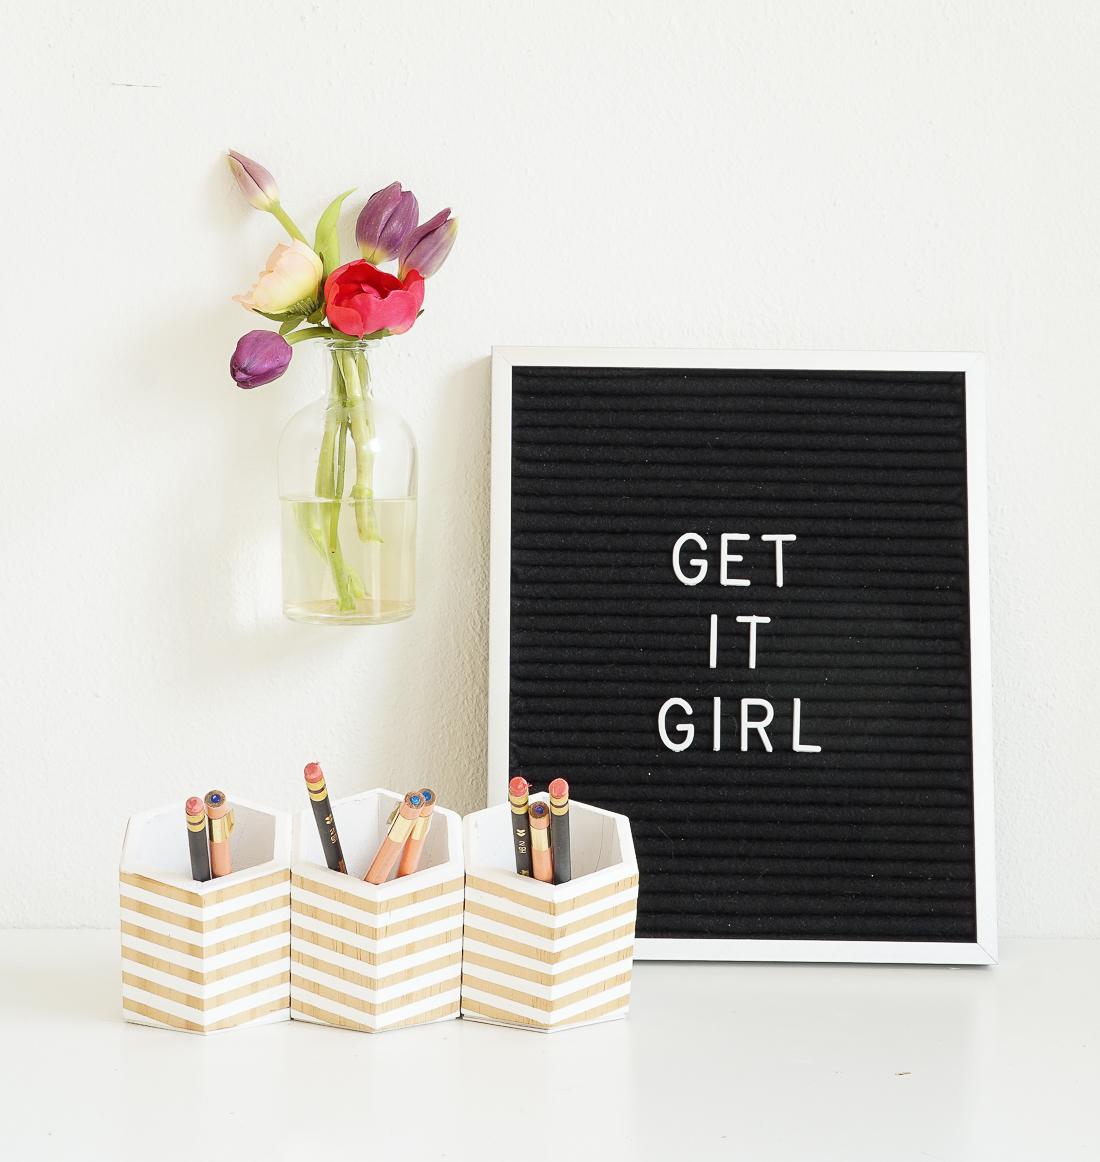 5_DIY_crear_detalles_con_flores_florero_pared_decoración_interiores_hogar-05